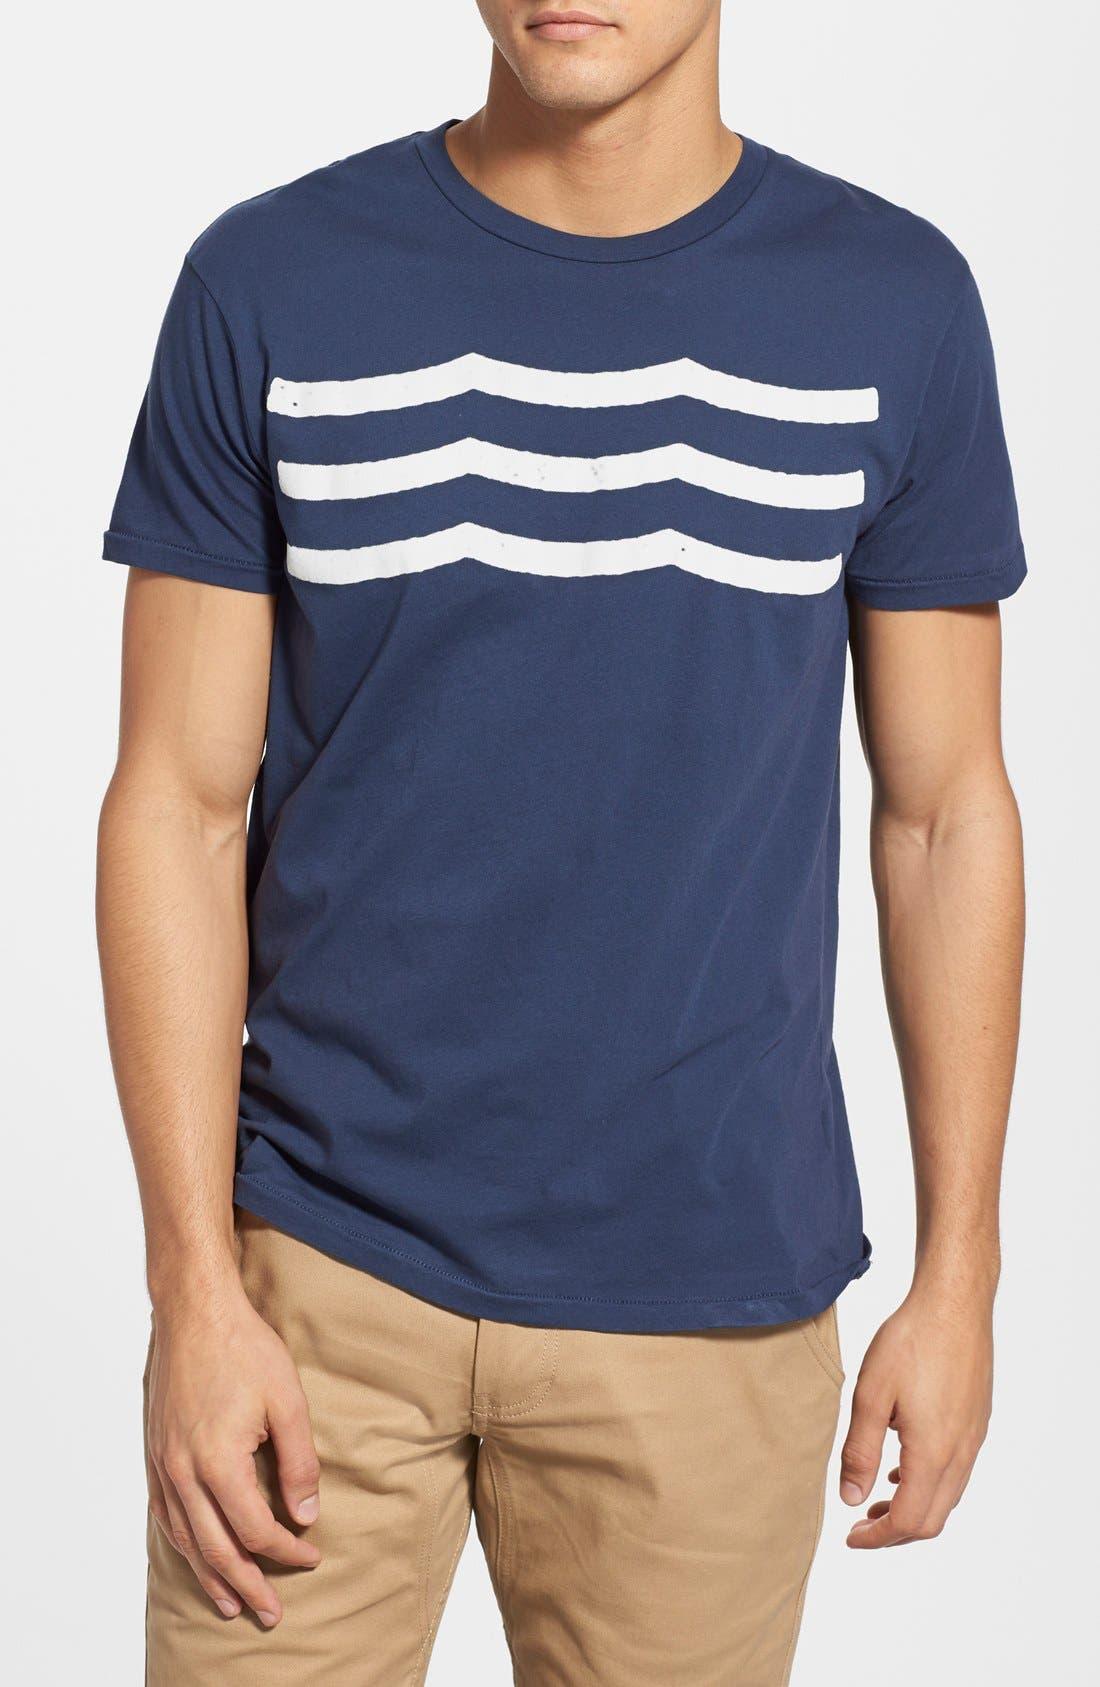 'Waves' Graphic T-Shirt,                             Main thumbnail 1, color,                             NAVY